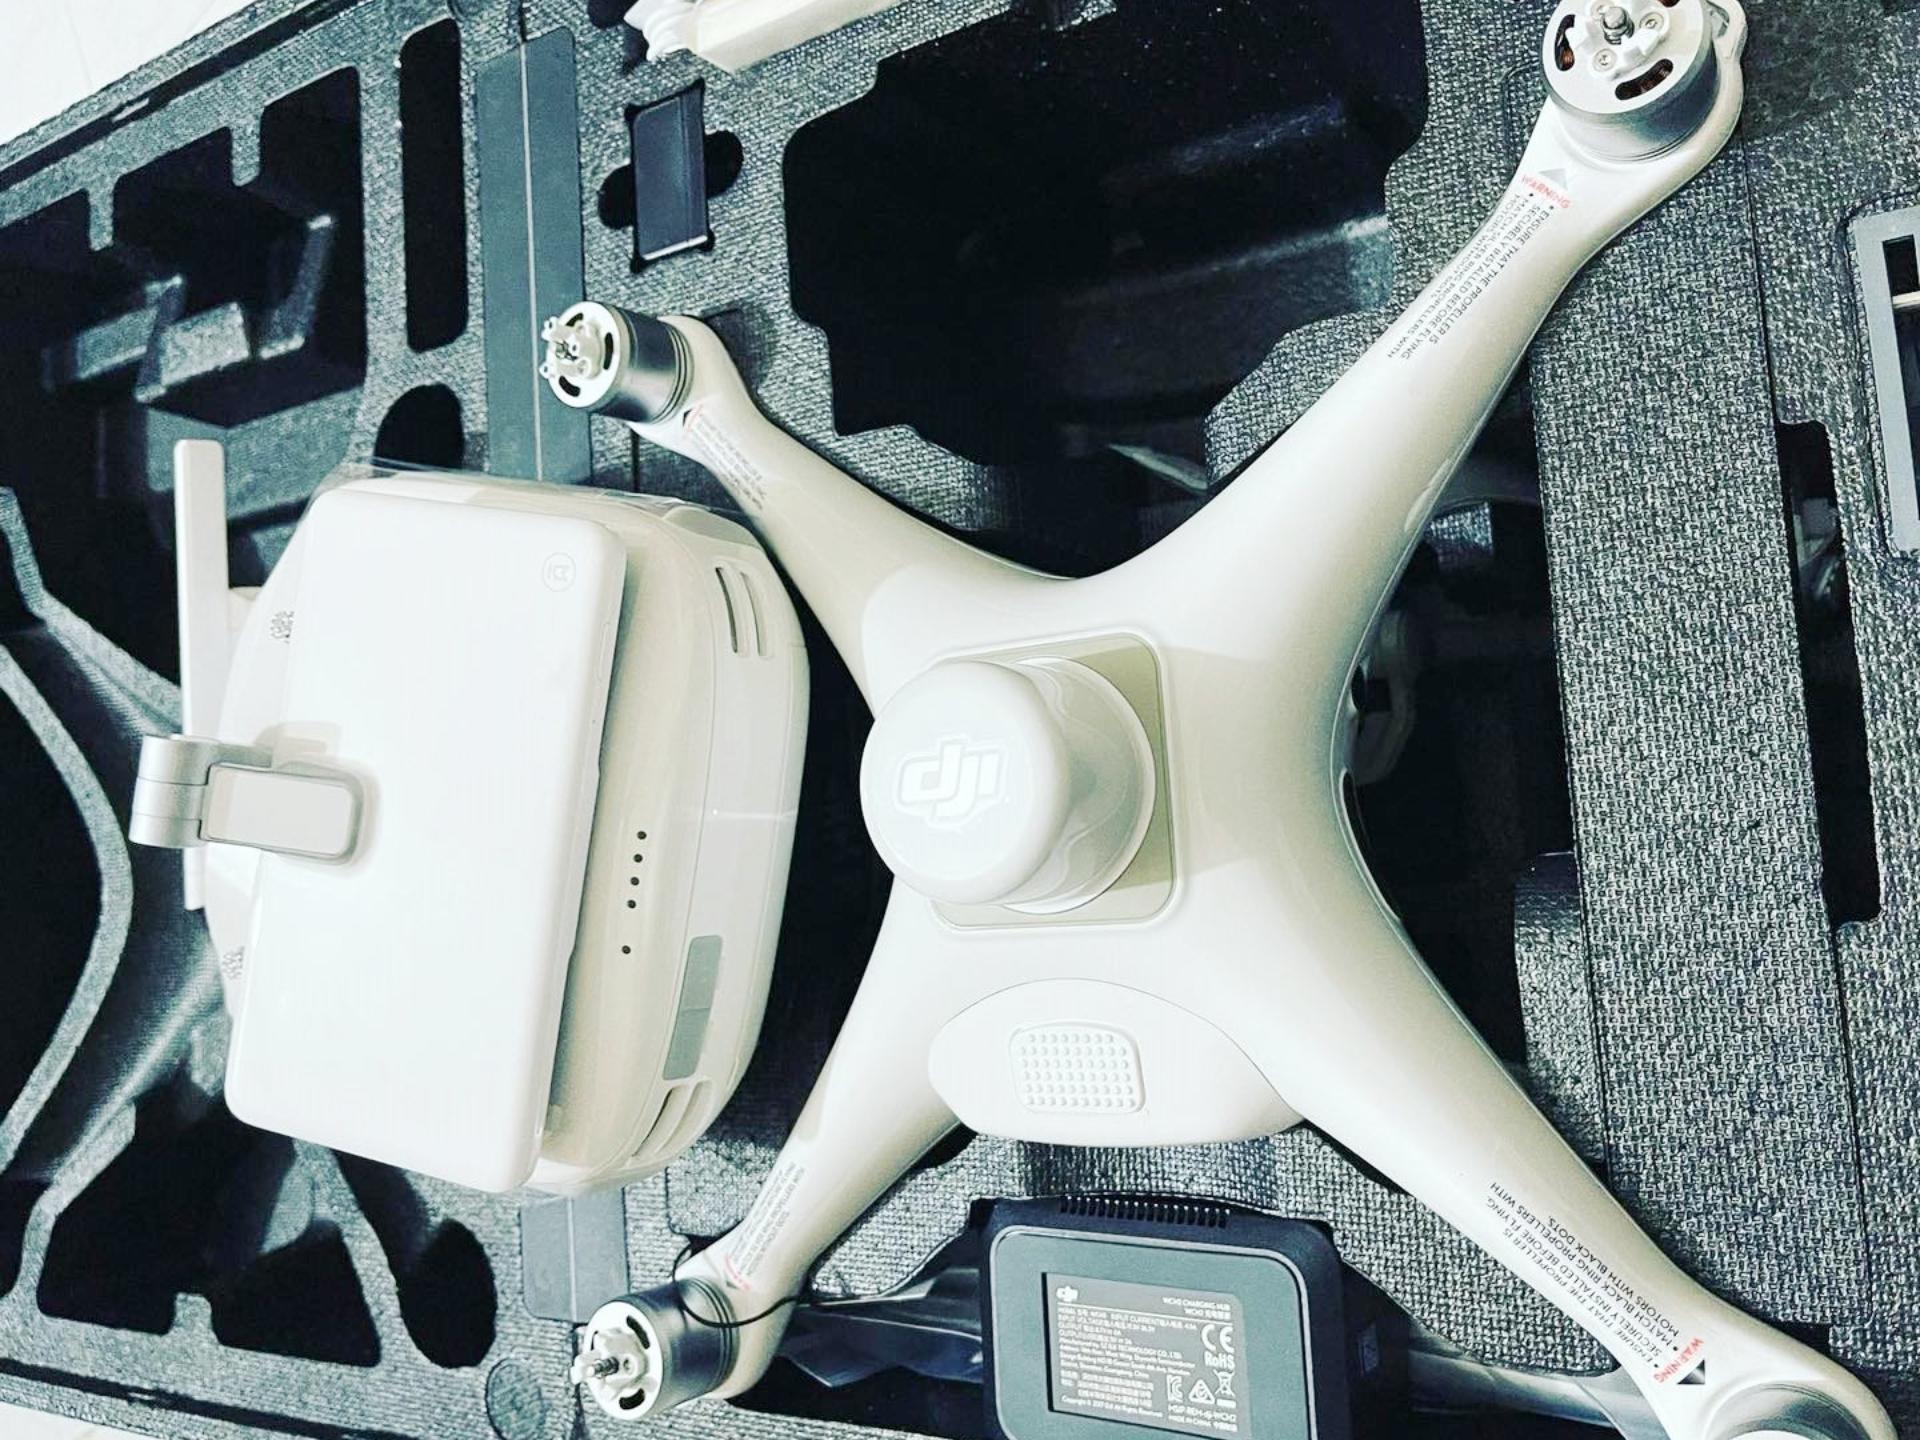 5 LƯU Ý KHI BAY DRONE TRONG NHÀ 4